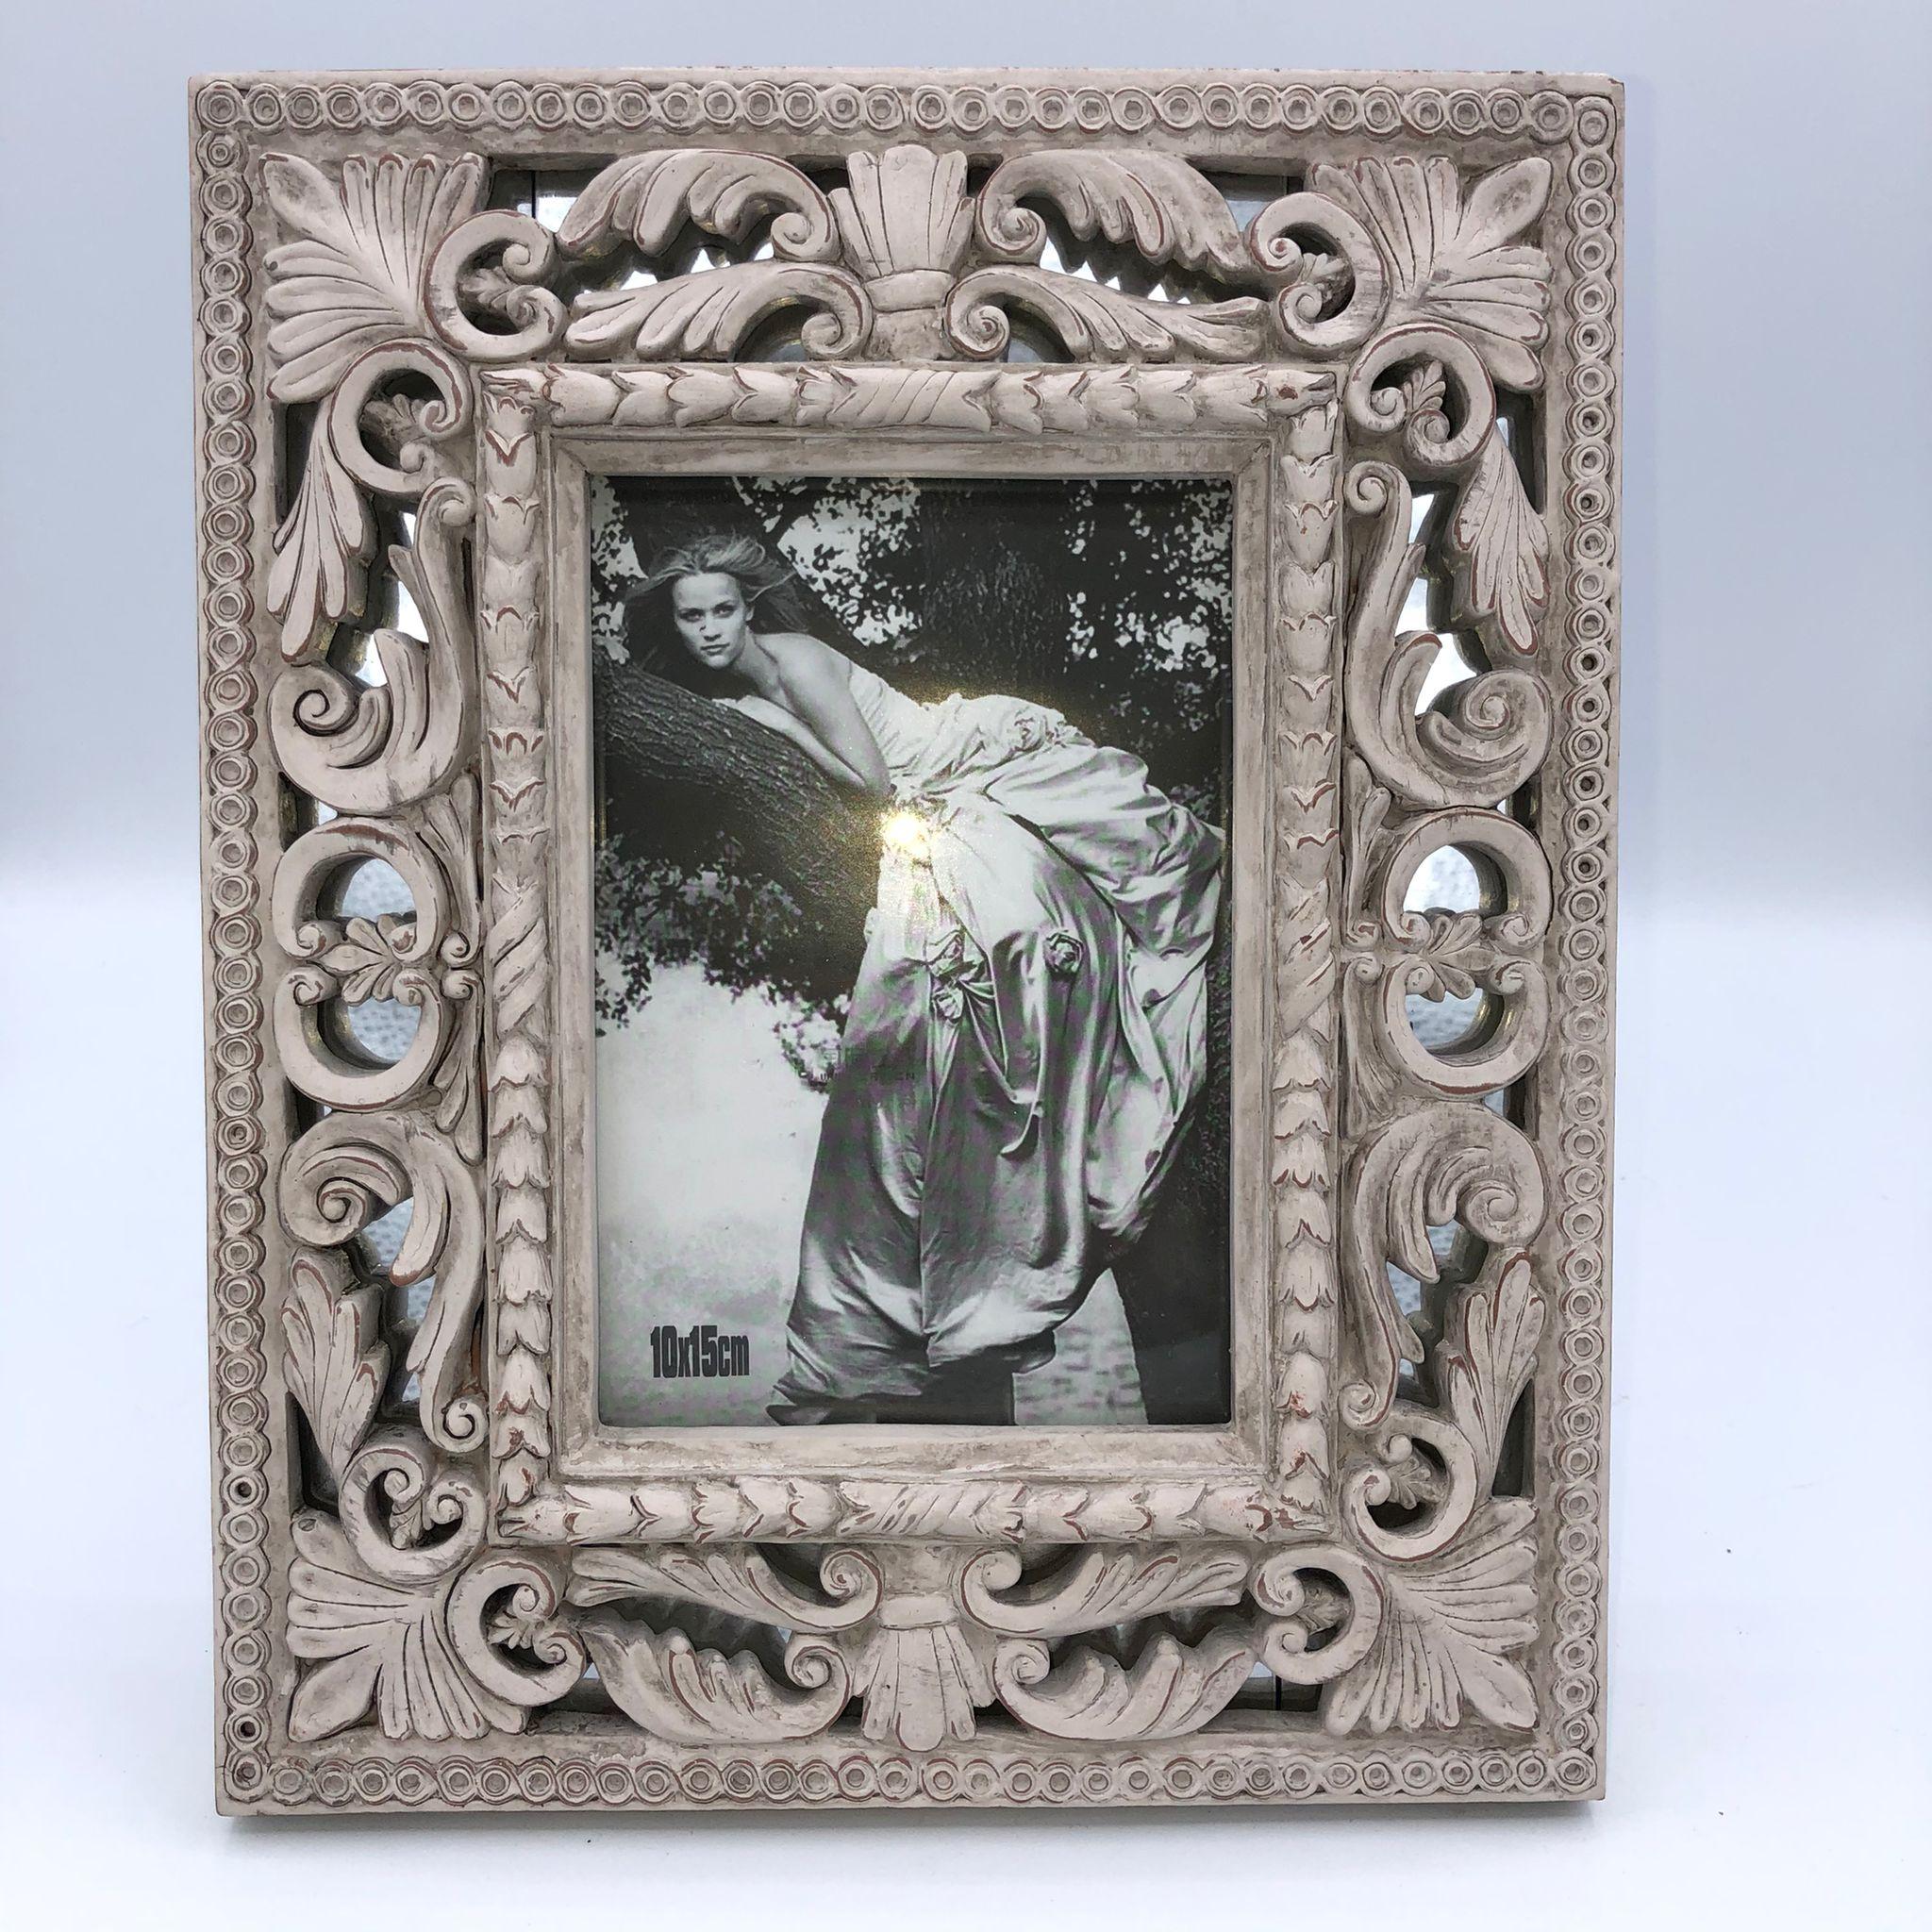 Marco de fotos madera tallada